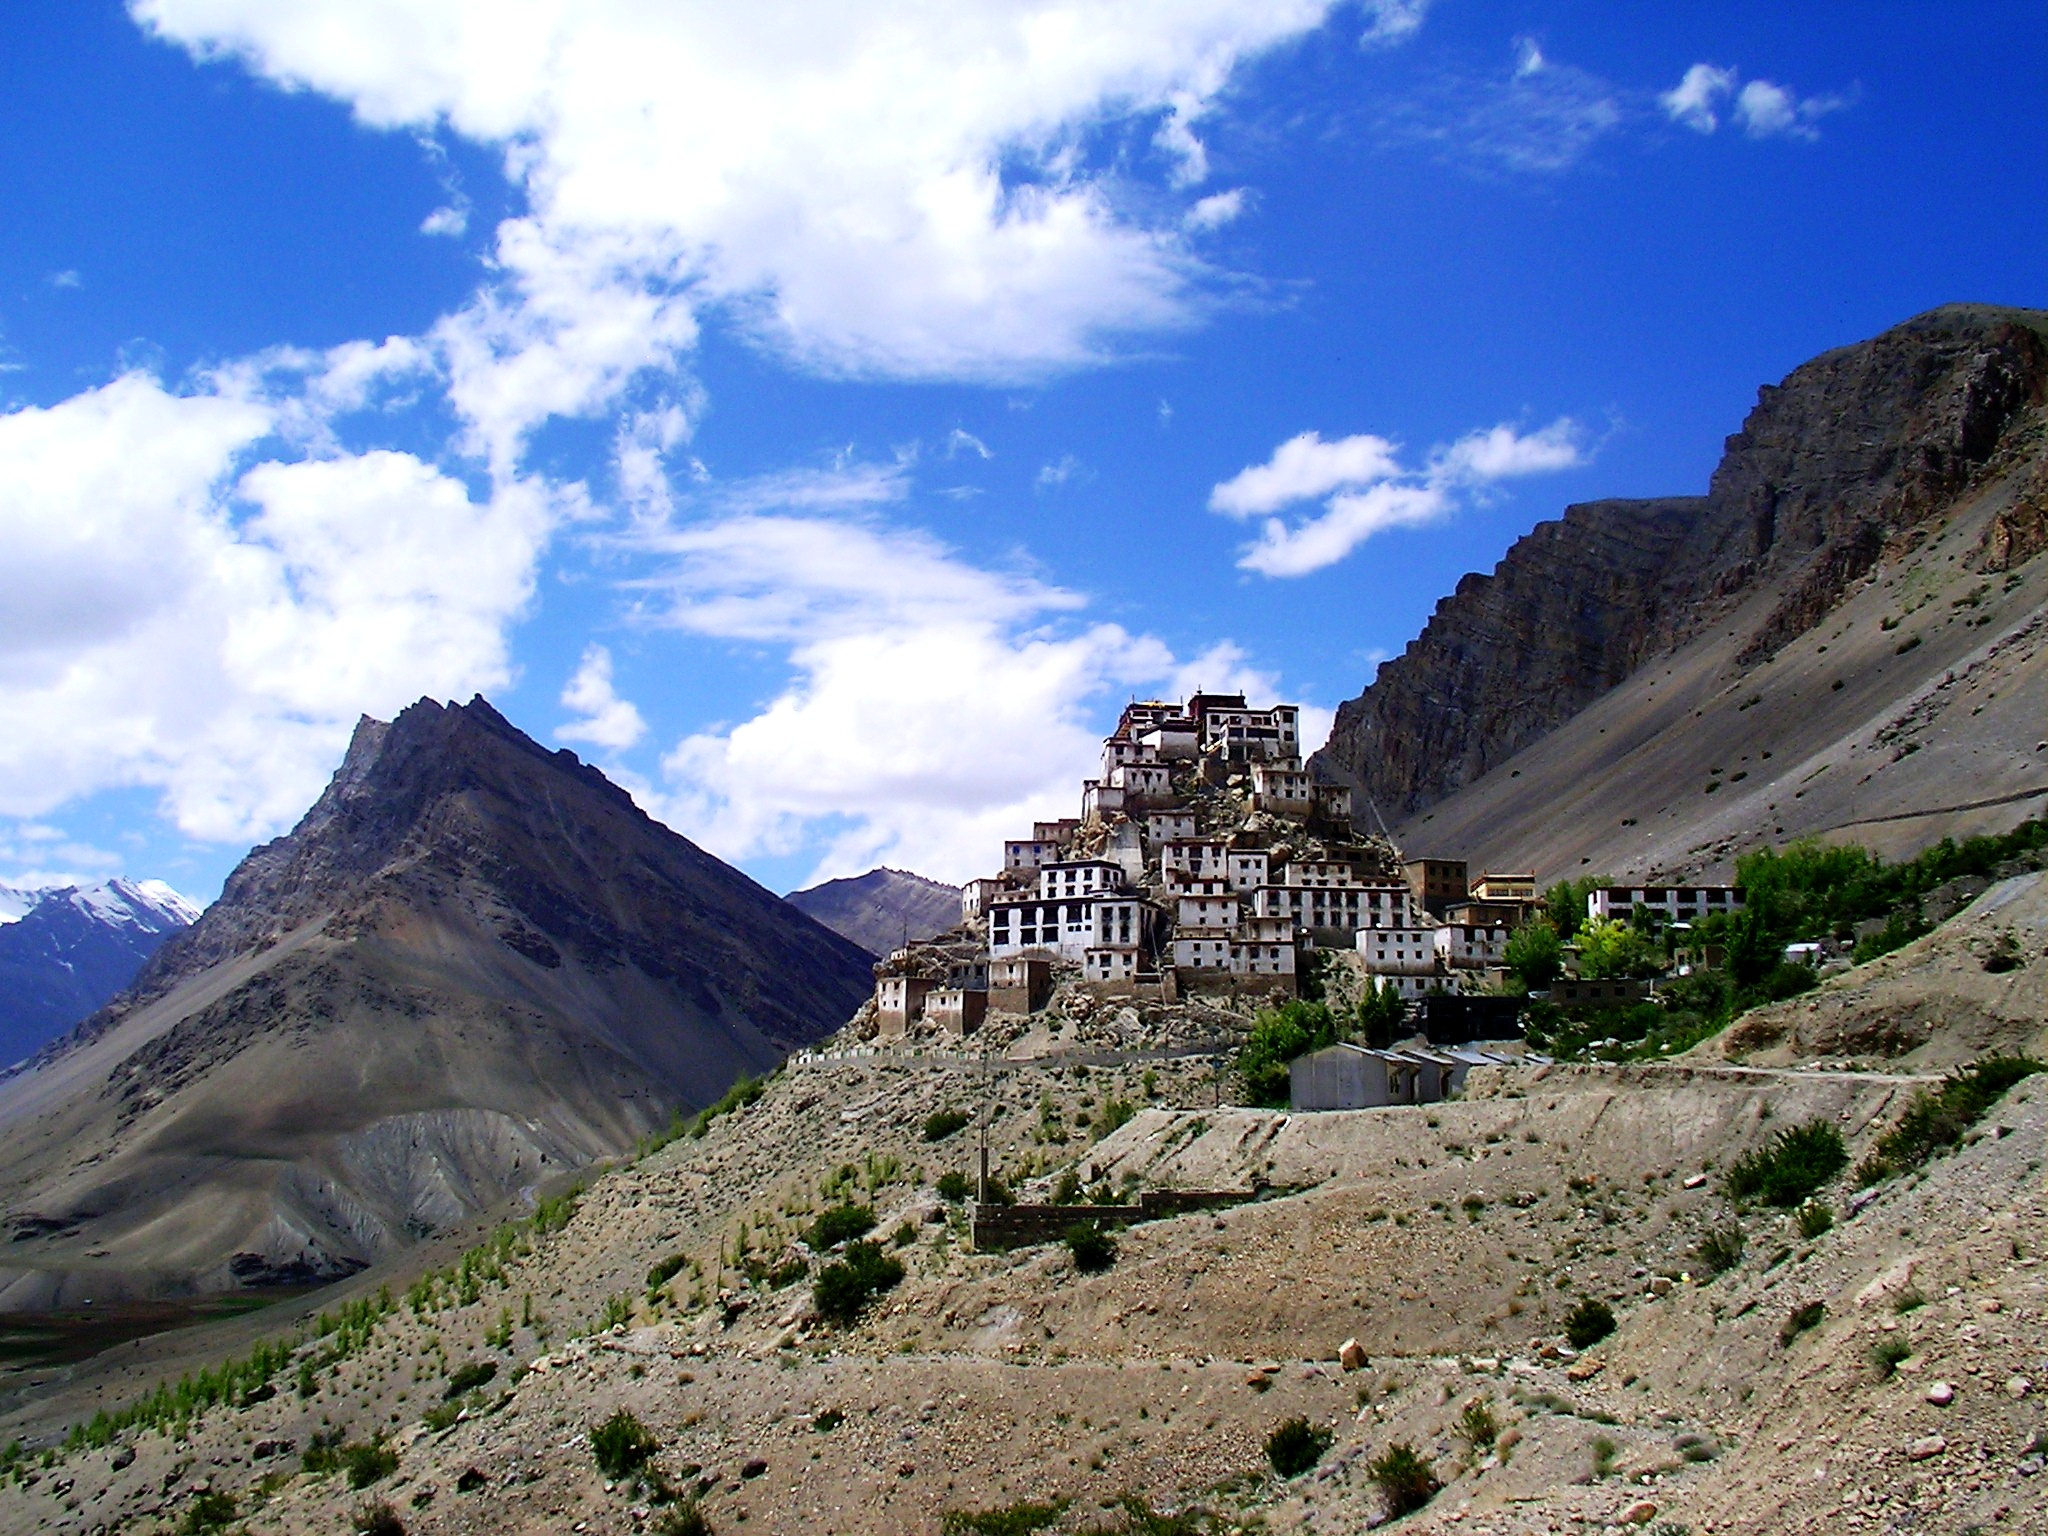 монастырь крепость ки гомпа